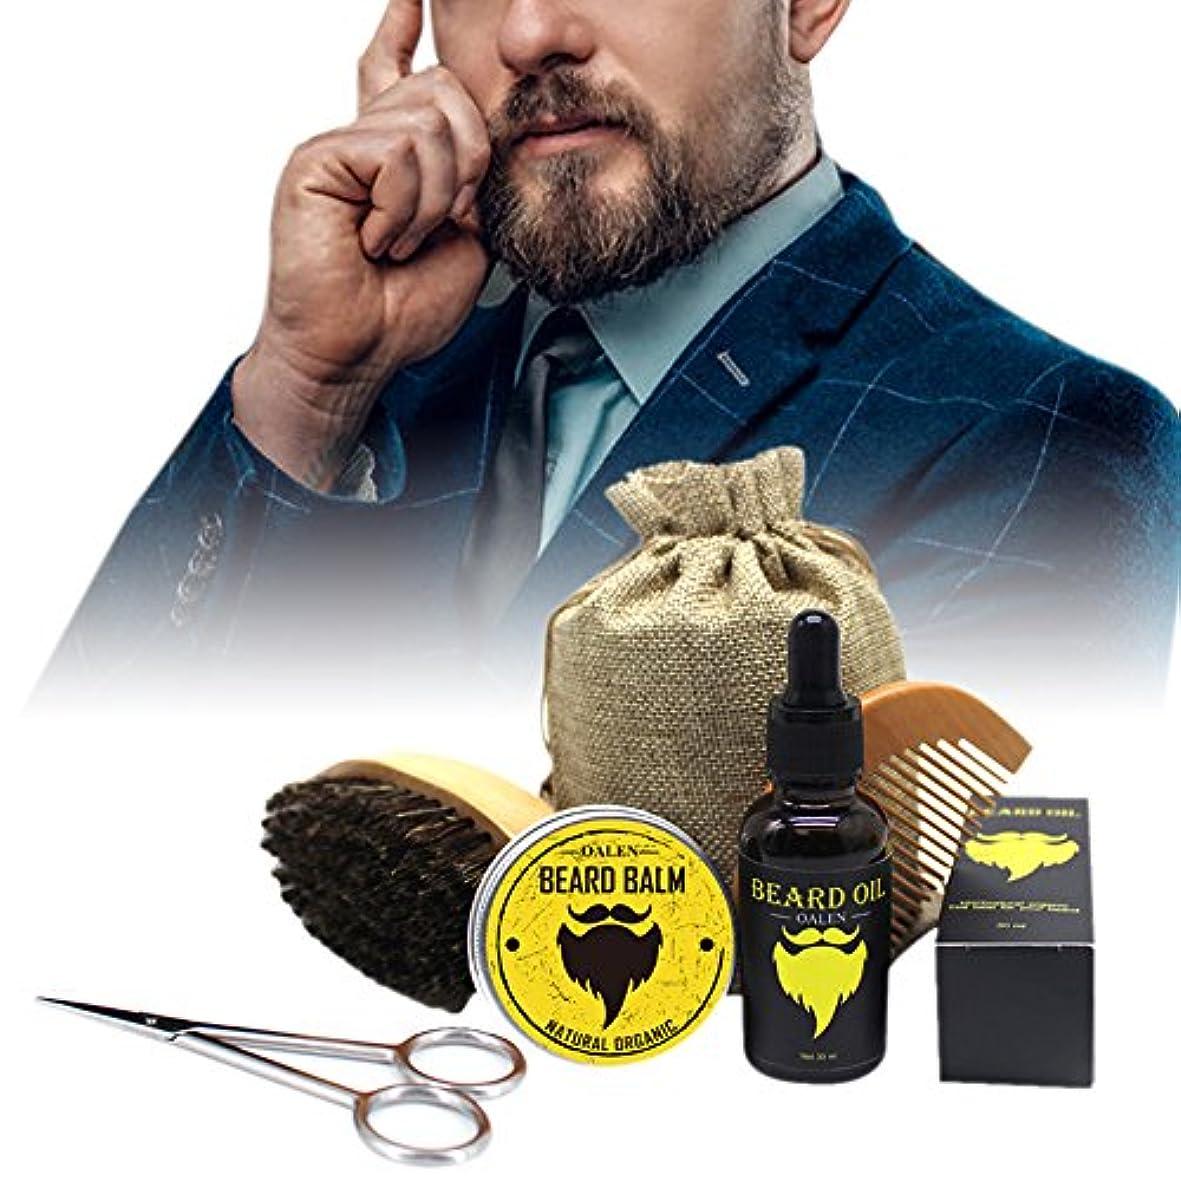 Ruier-tong ビアードセット ビアードオイル ひげブラシ ビアードコーム 櫛 髭手入れハサミ ひげクリーム メンズ 必需品 髭手入れセット 収納袋付き 収納 携帯便利 ひげケア 5件セット